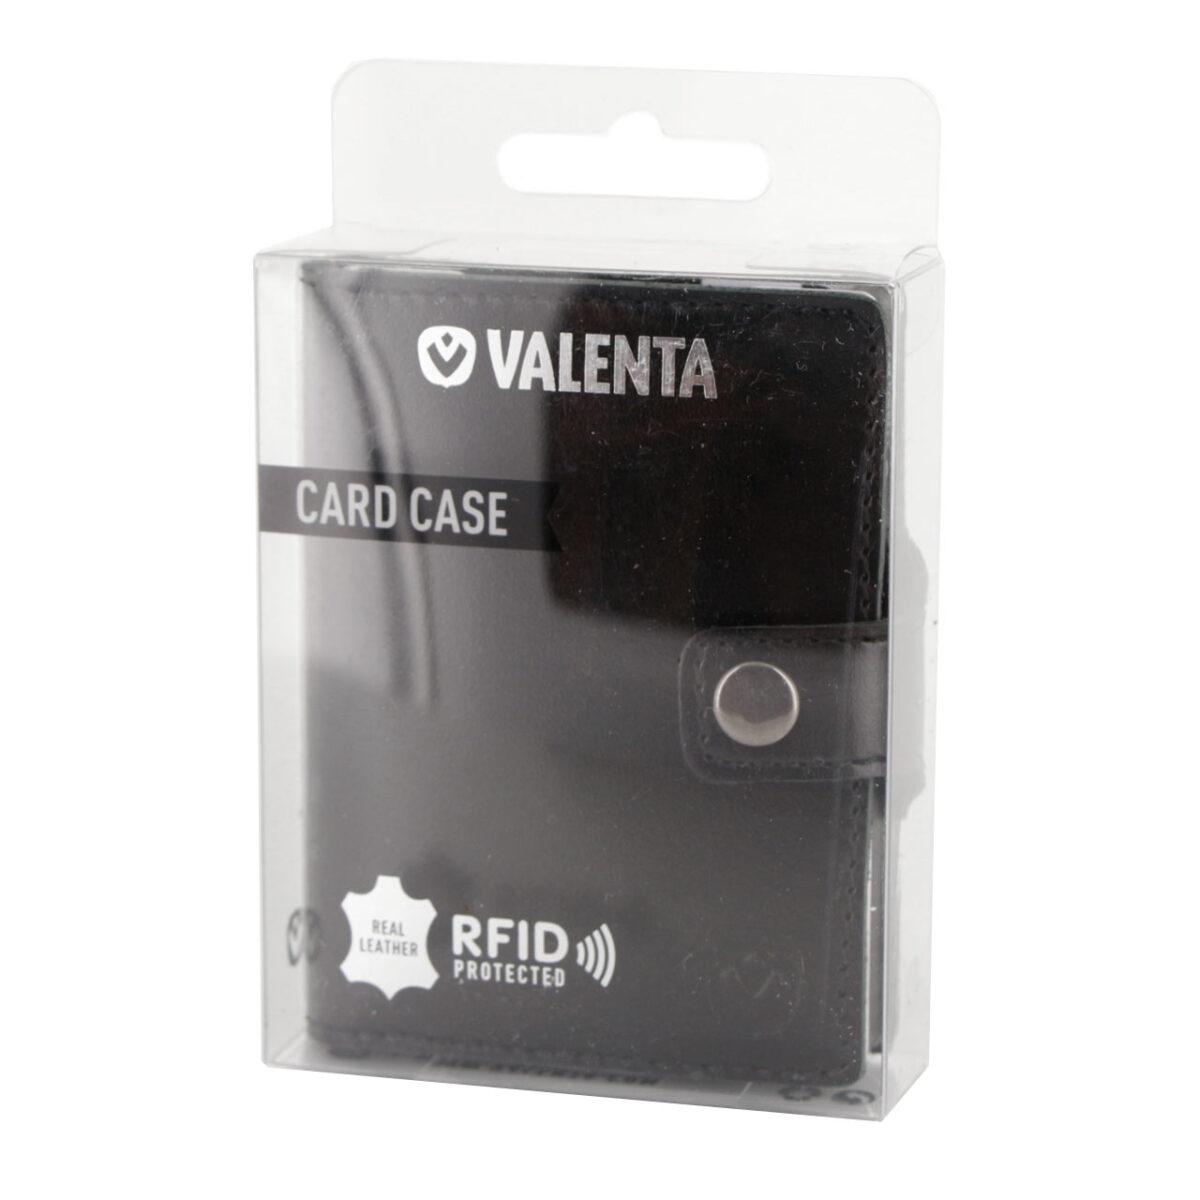 RFID kaarthouder Valenta